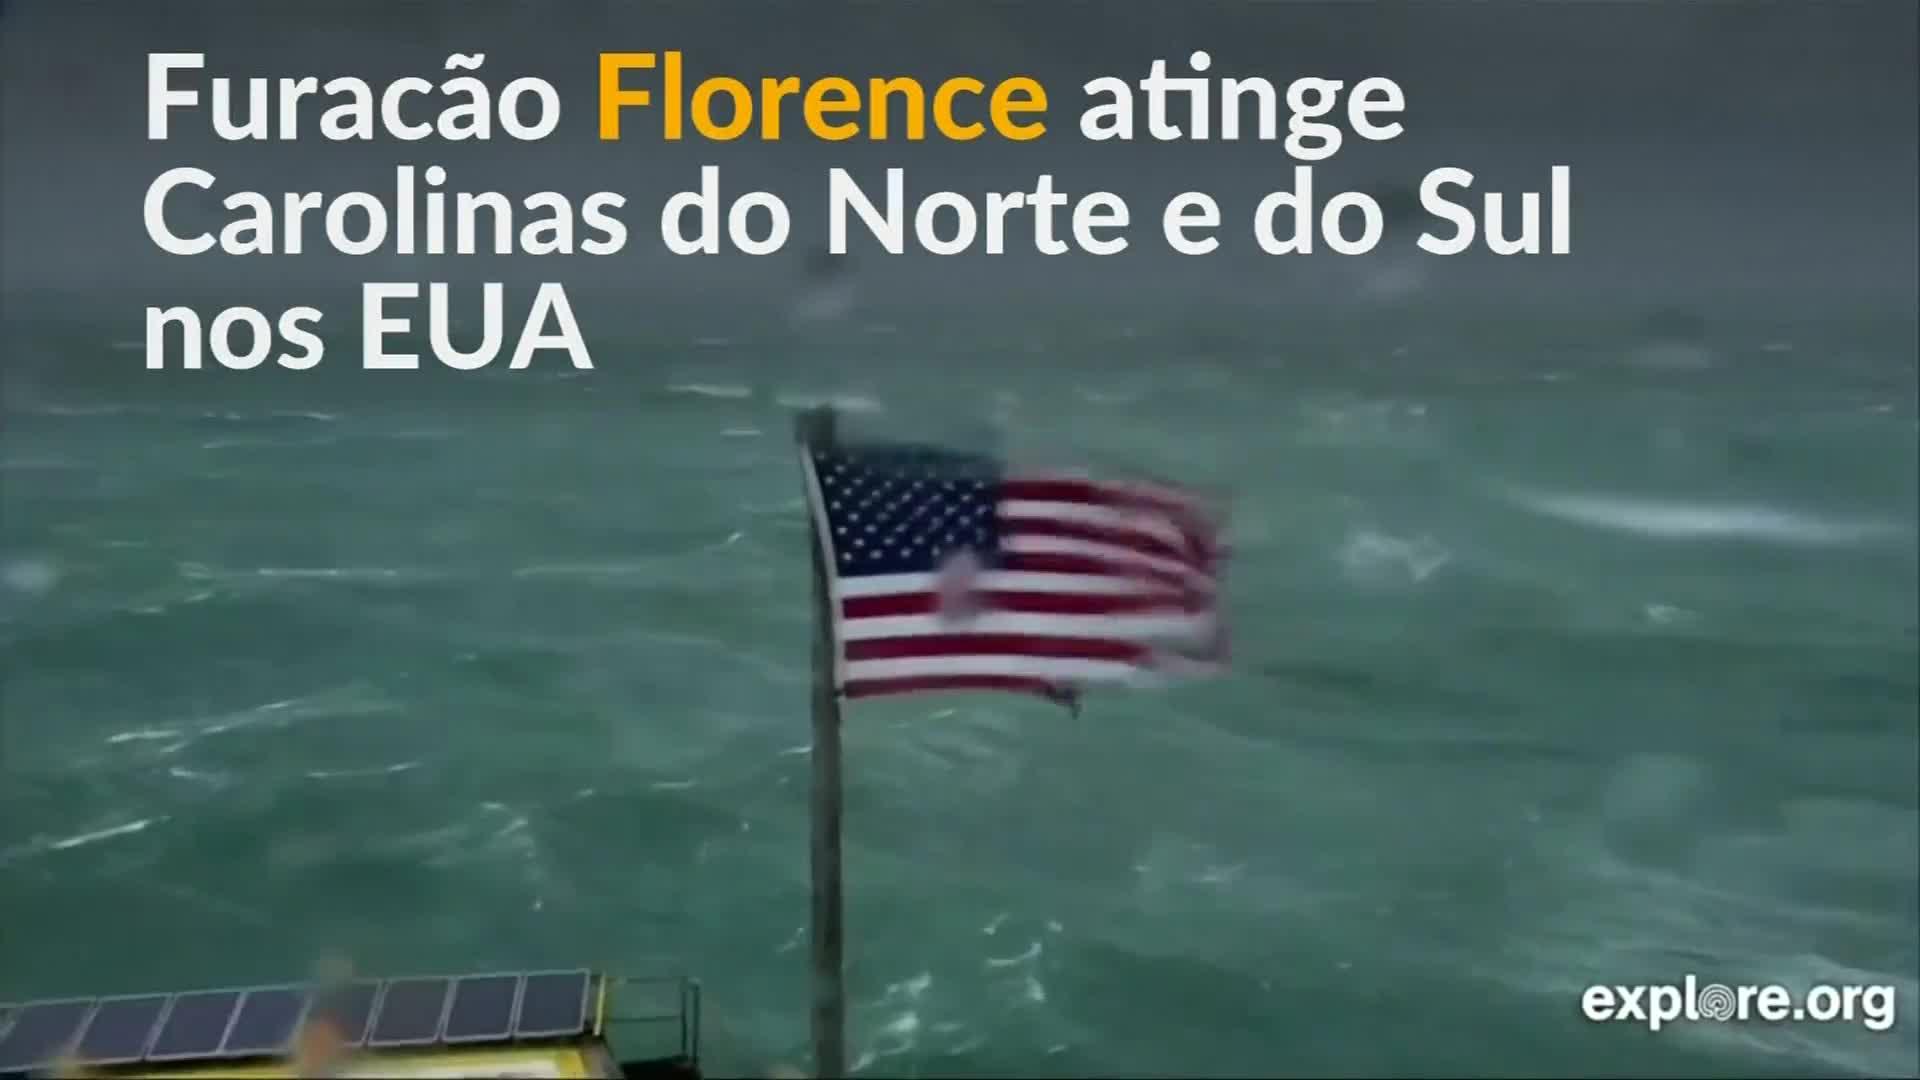 Furacão Florence chega aos EUA e deve permanecer por até 3 dias